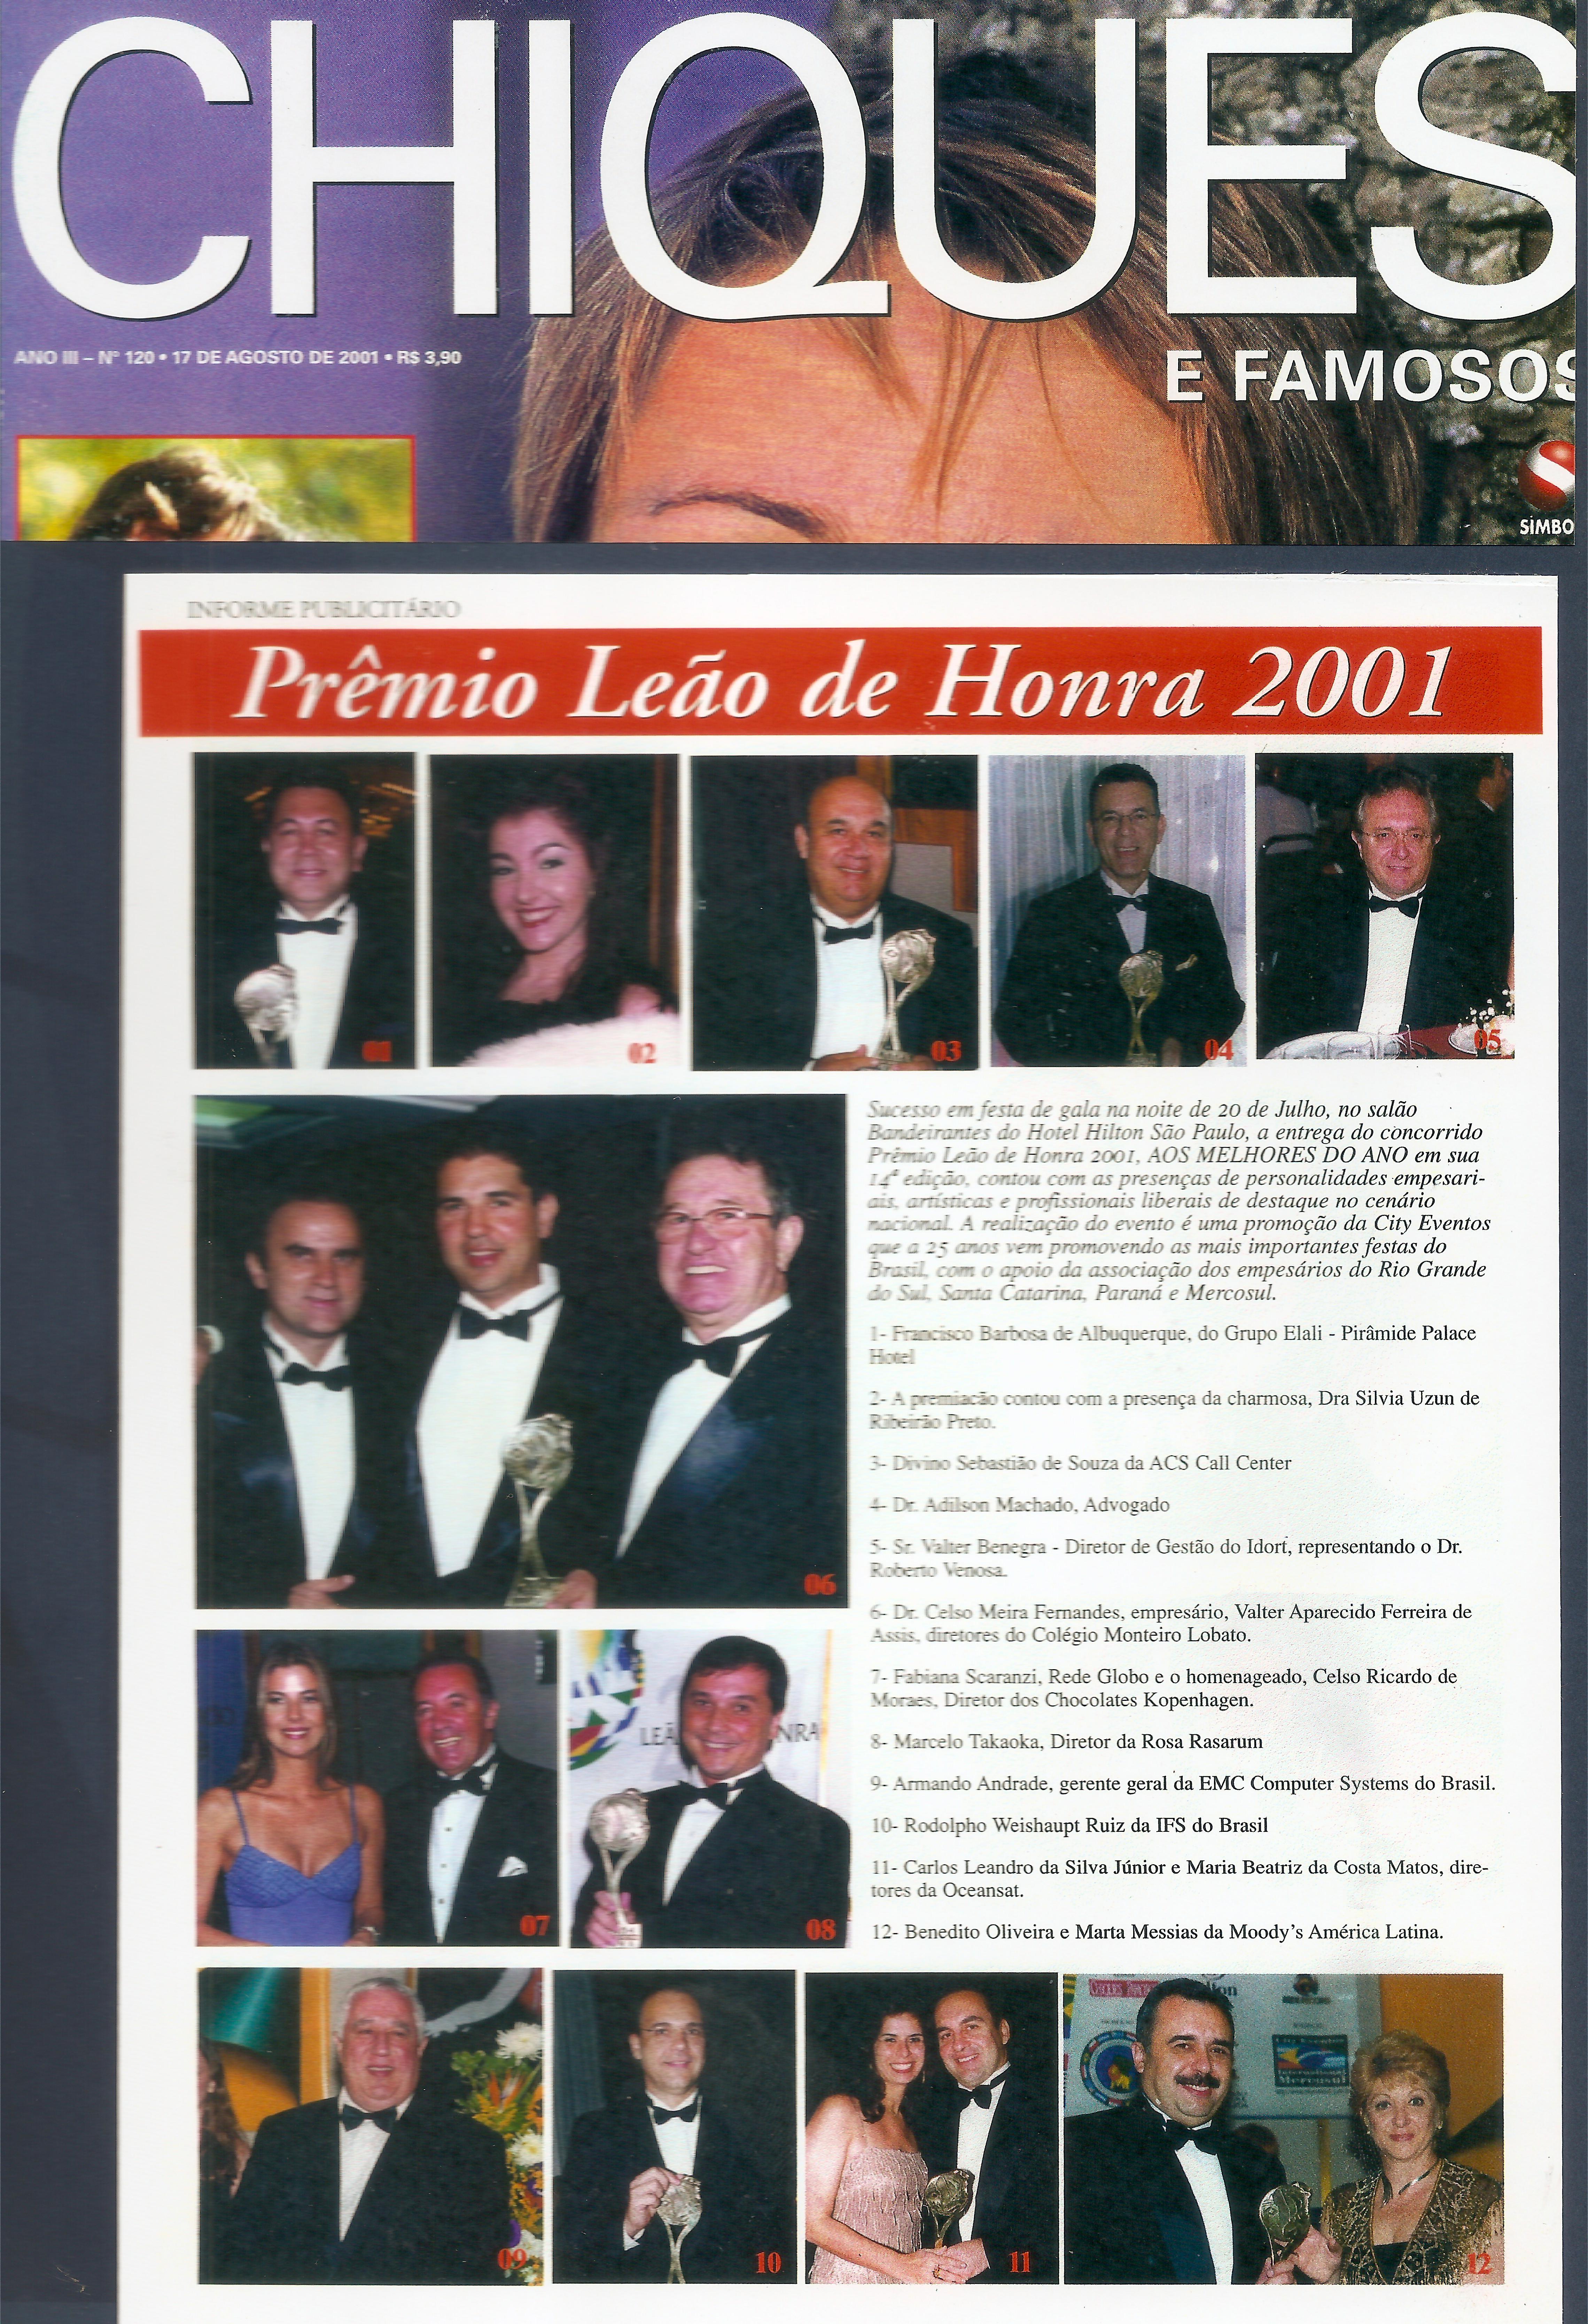 Os melhores do ano - Troféu Leão de Honra 2001